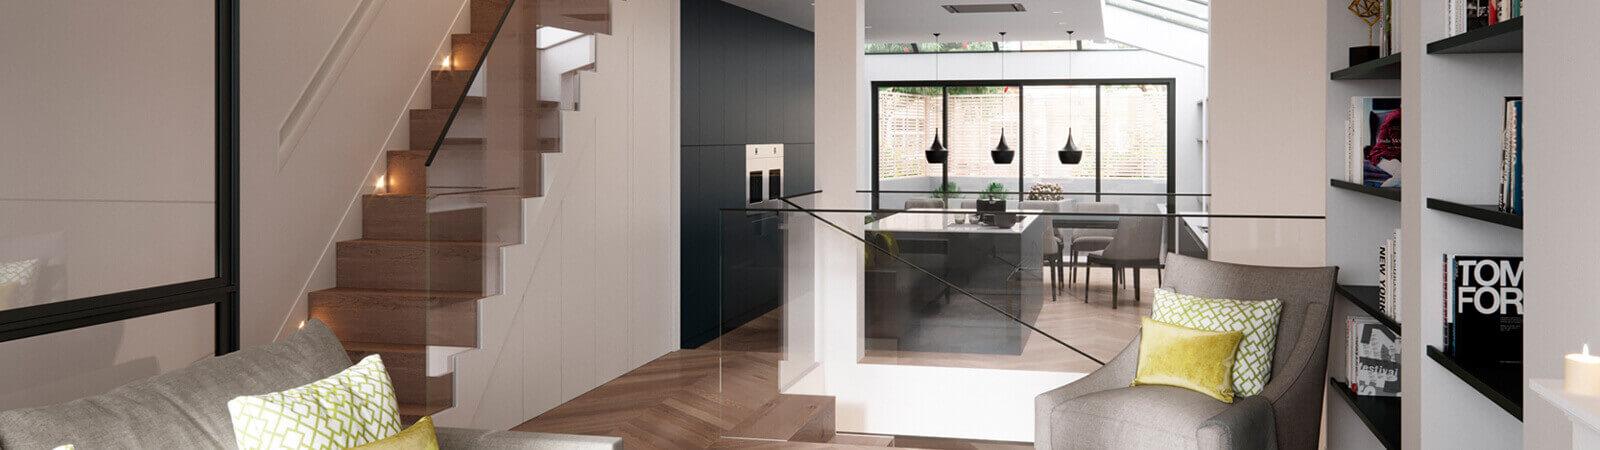 slide8-apt-kitchen-remodelling